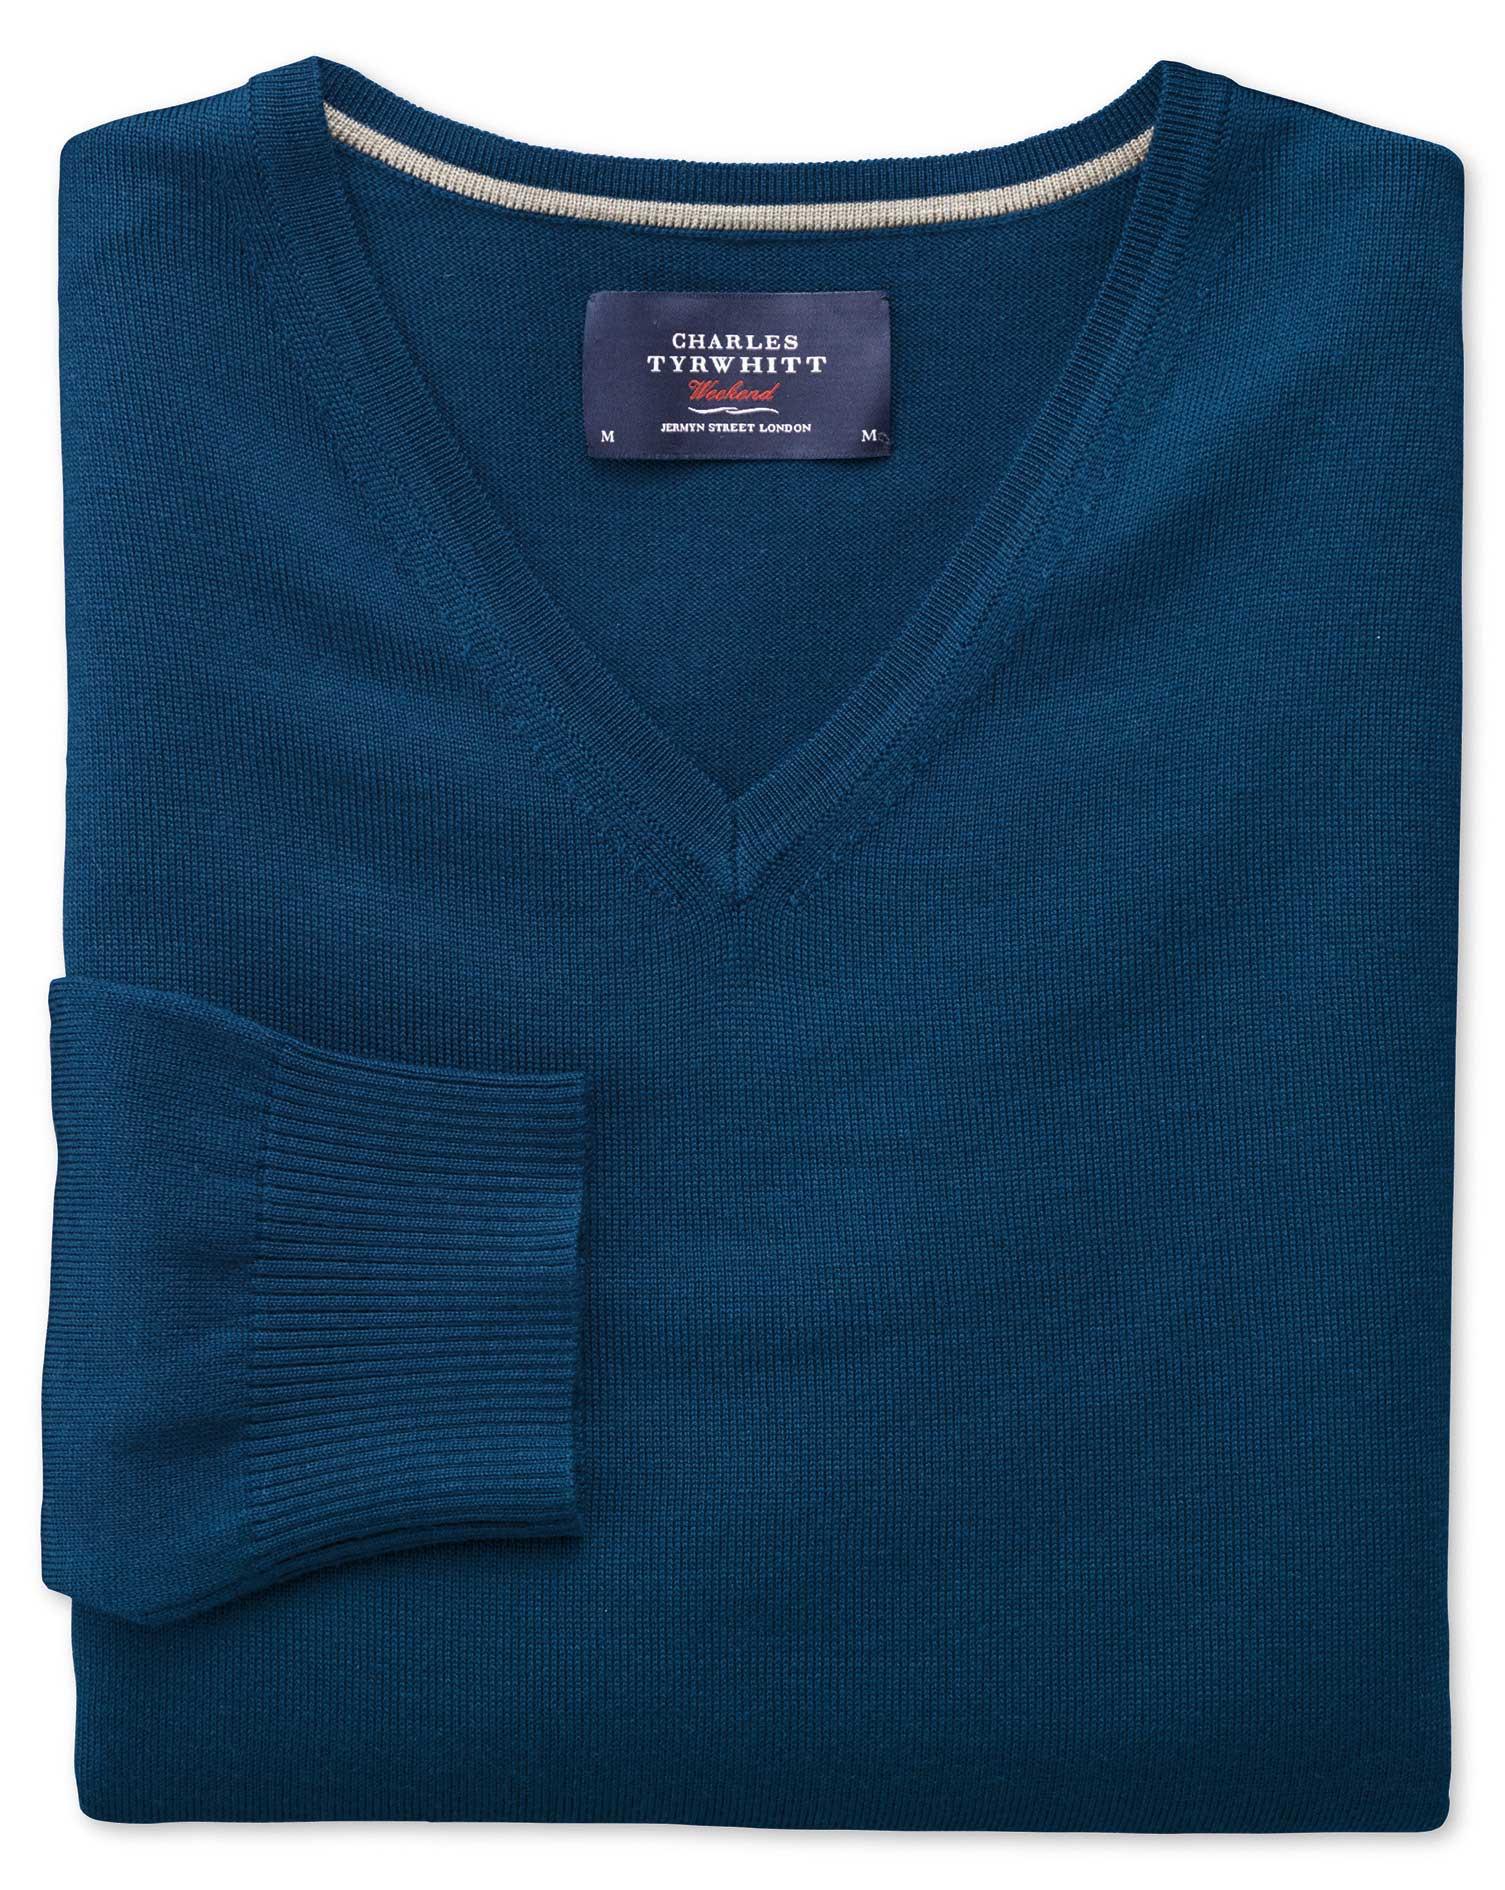 Blue Merino Wool V-Neck Jumper Size Large by Charles Tyrwhitt